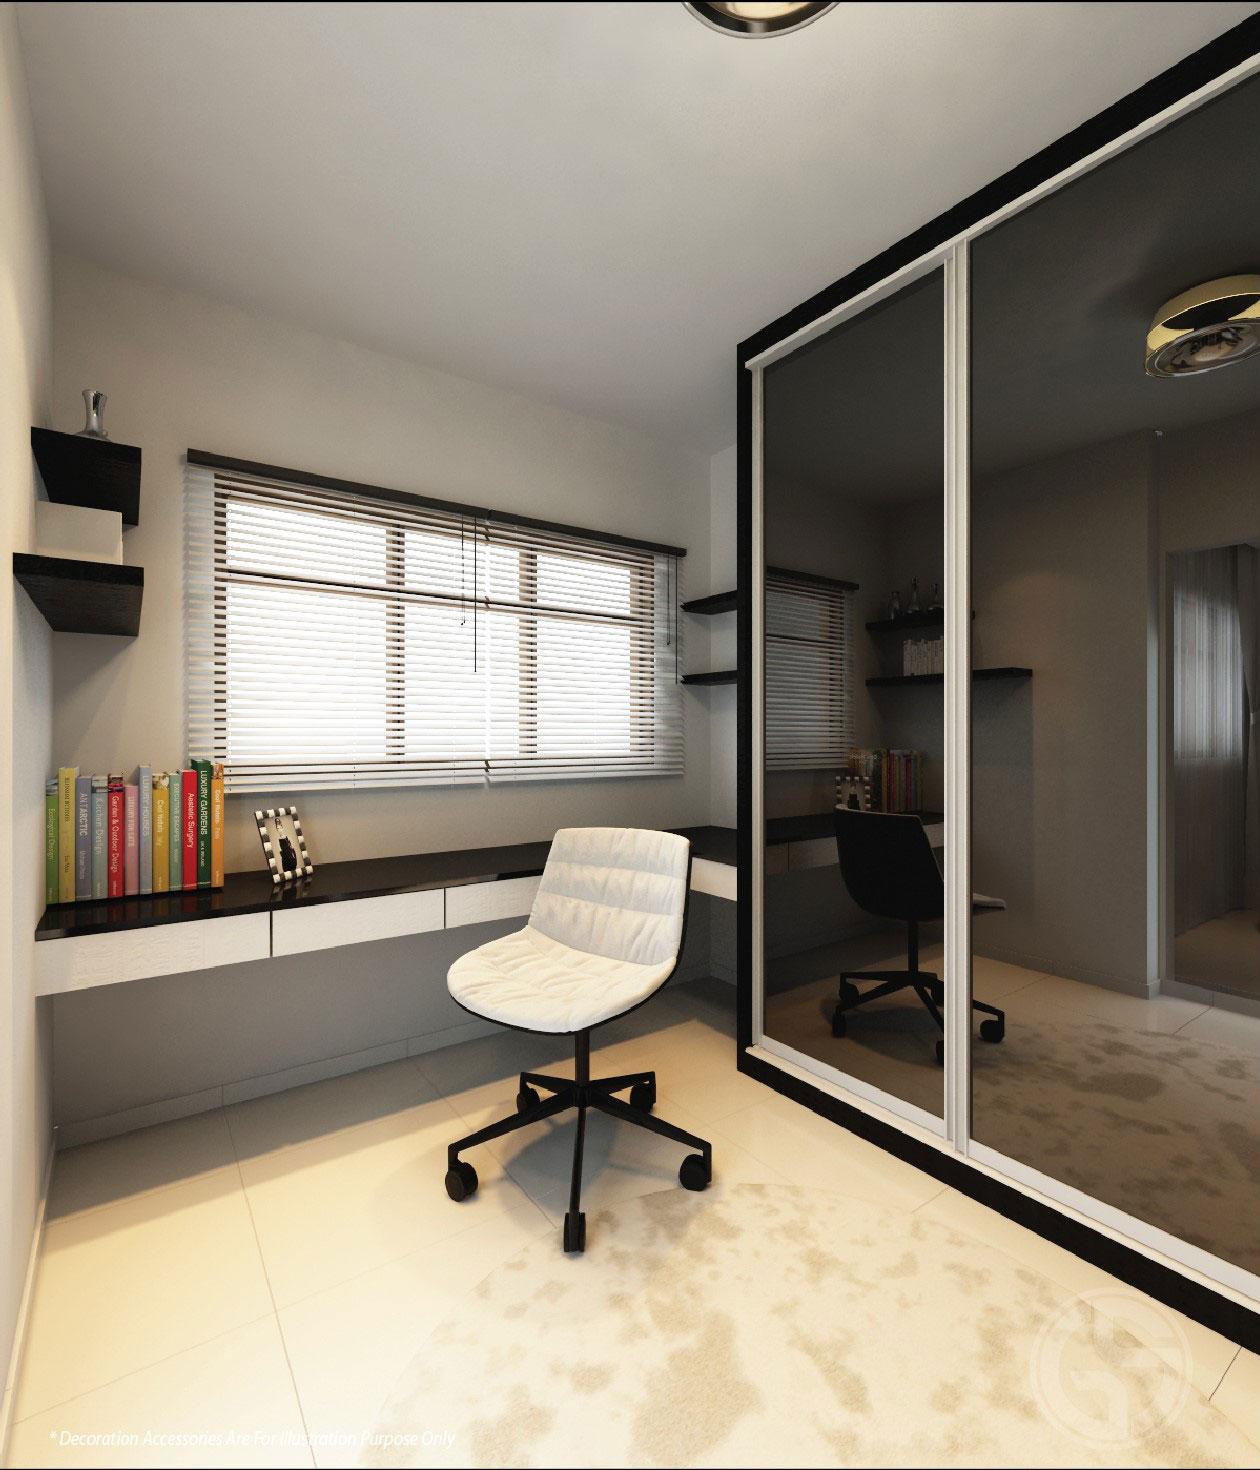 Interior Design For Hdb At Ang Mo Kio Avenue 1: 673A-Edge-Field-Plains-7